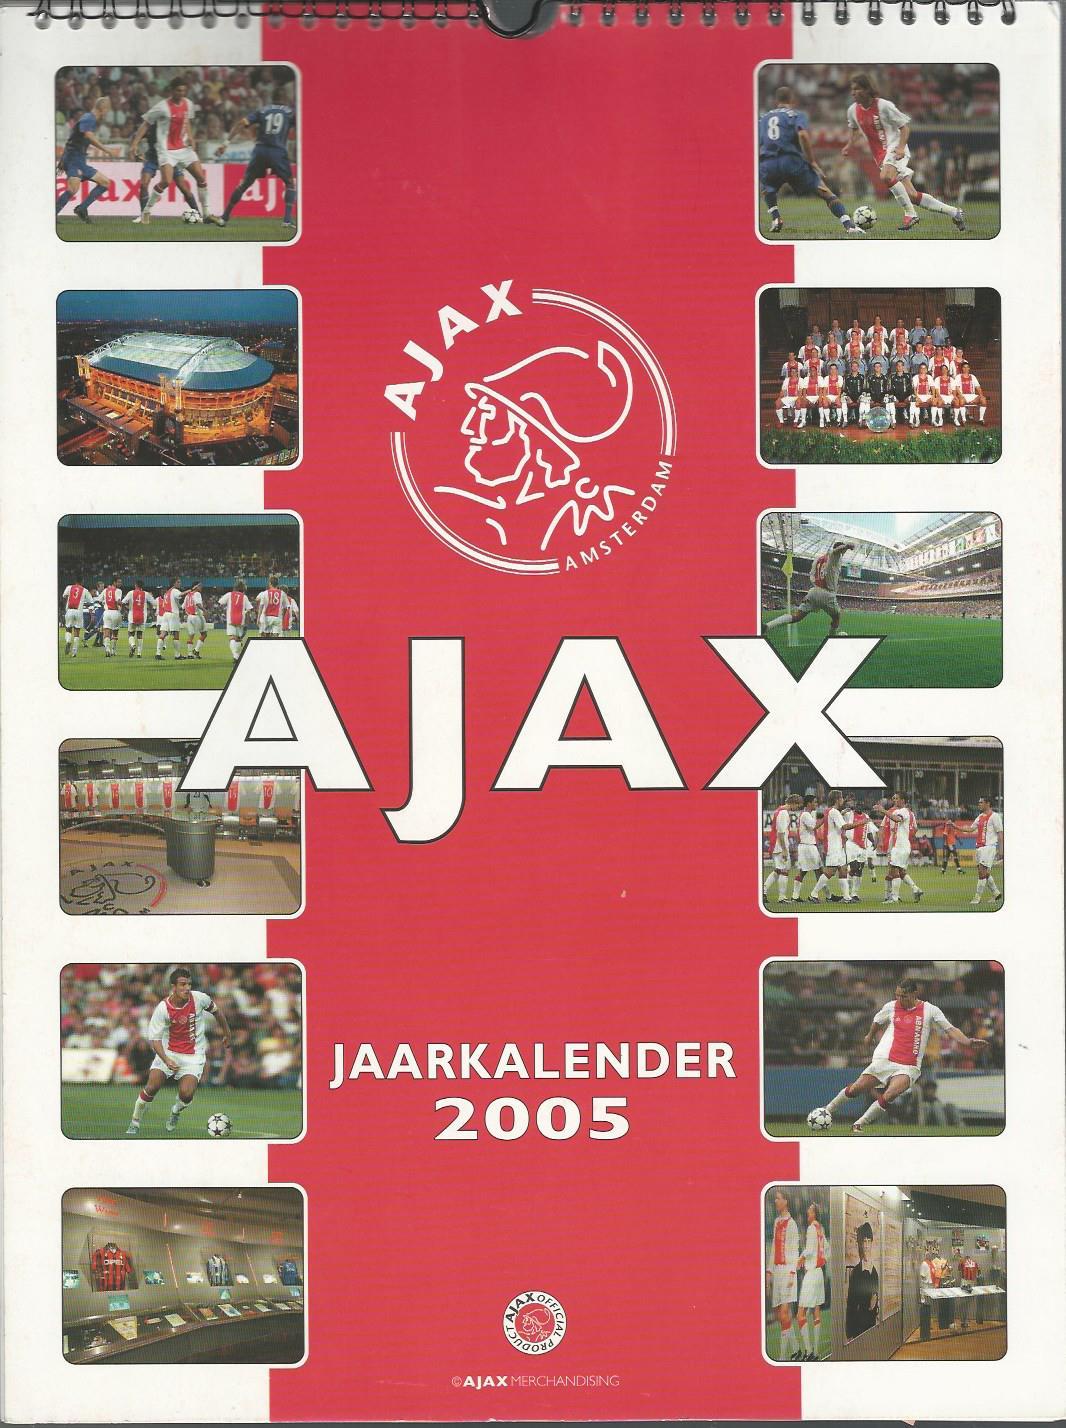 - Ajax jaarkalender 2005